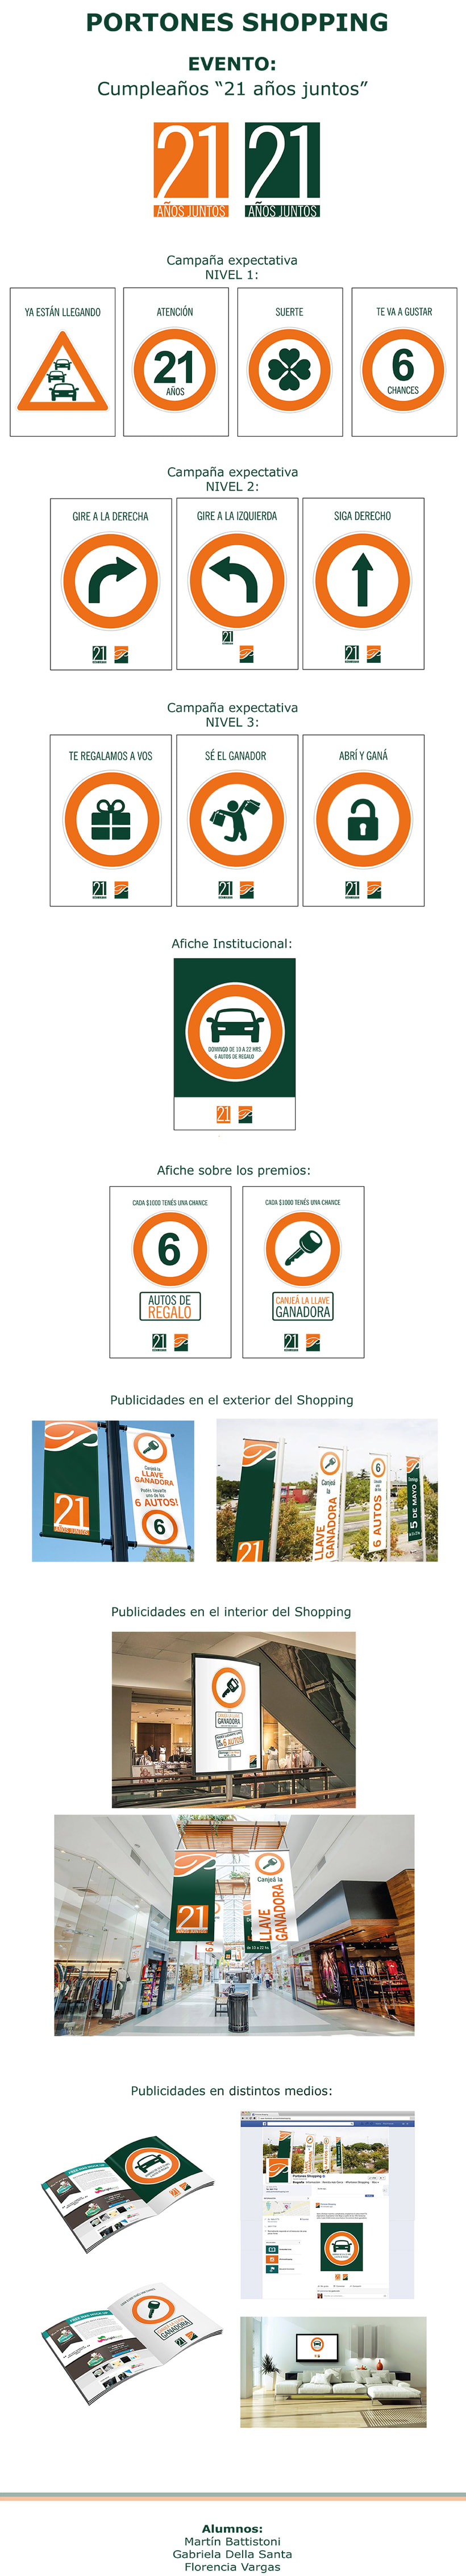 Portones Shopping 0